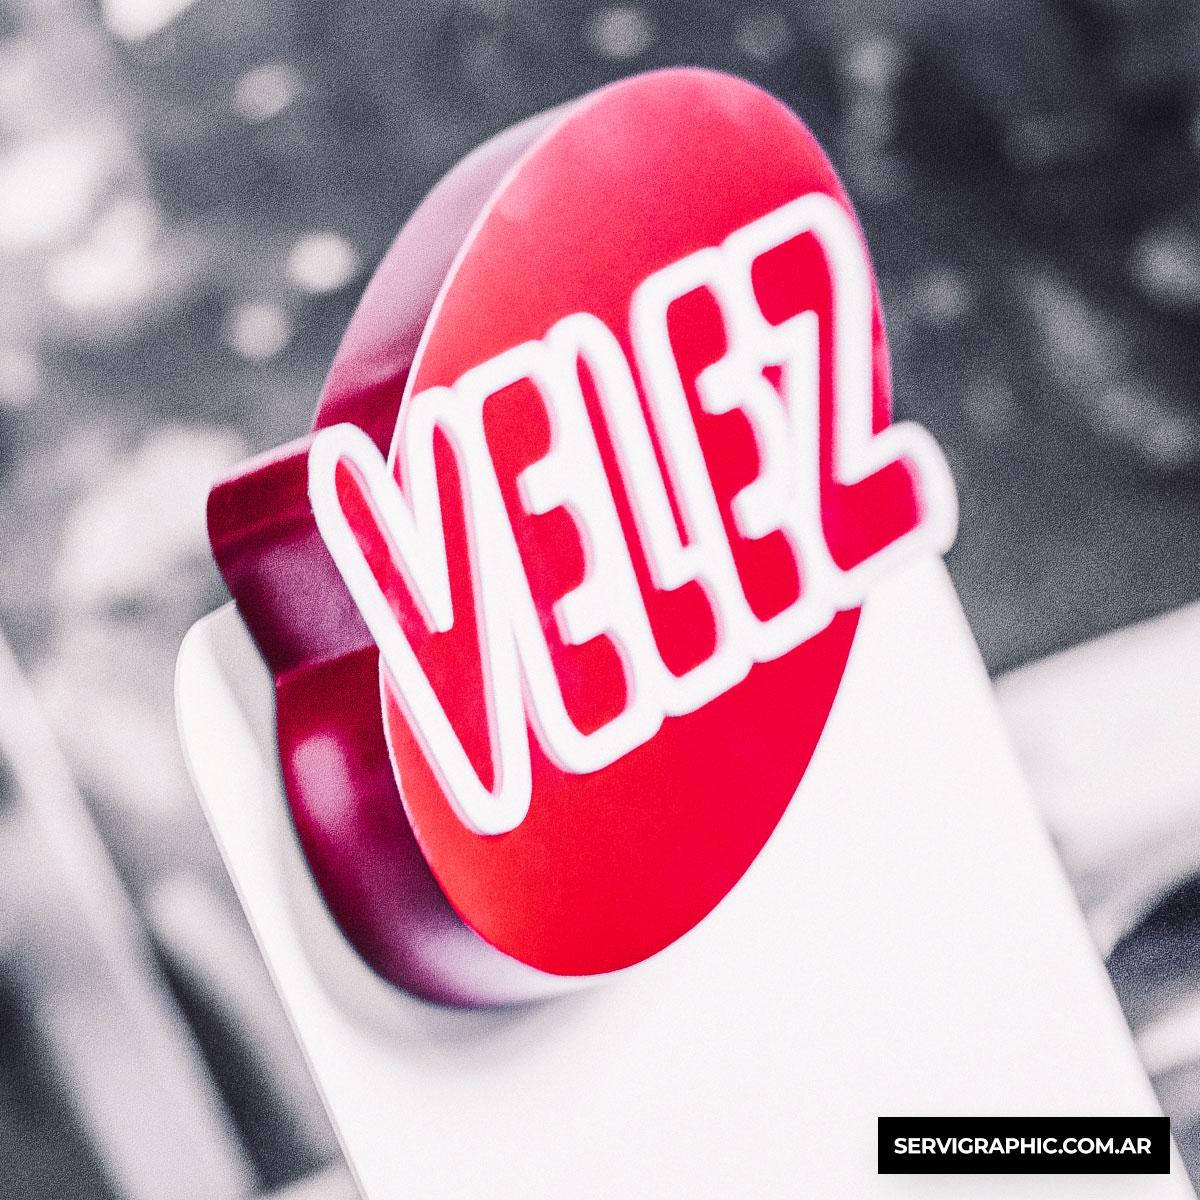 Café Velez - Exhibidores premium en chapa con logo corpóreo.